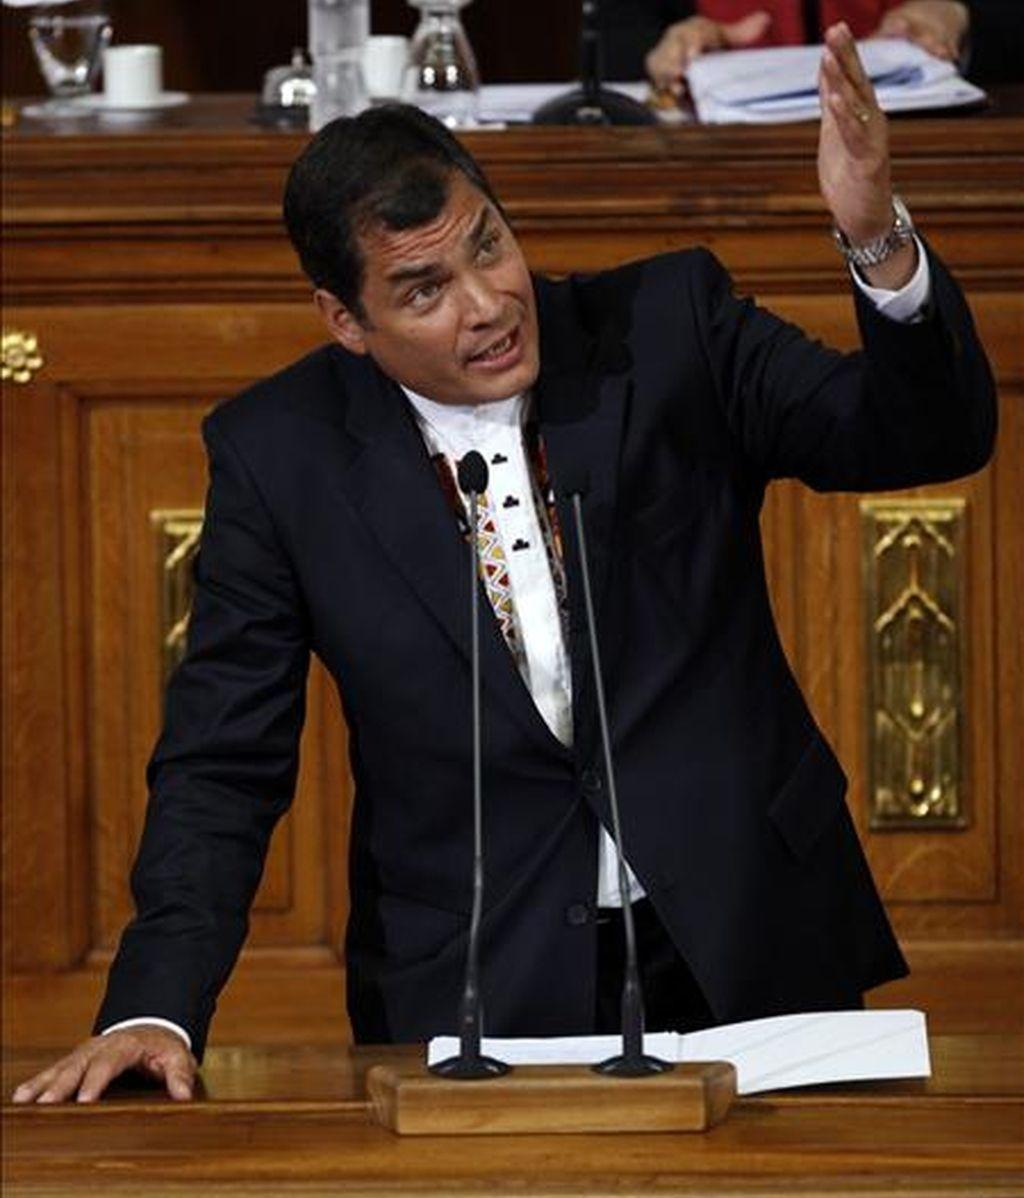 El presidente de Ecuador, Rafael Correa, dijo que como presidente temporal de Unasur interpondrá los mejores oficios para intentar resolver el conflicto colombo-venezolano. EFE/Archivo